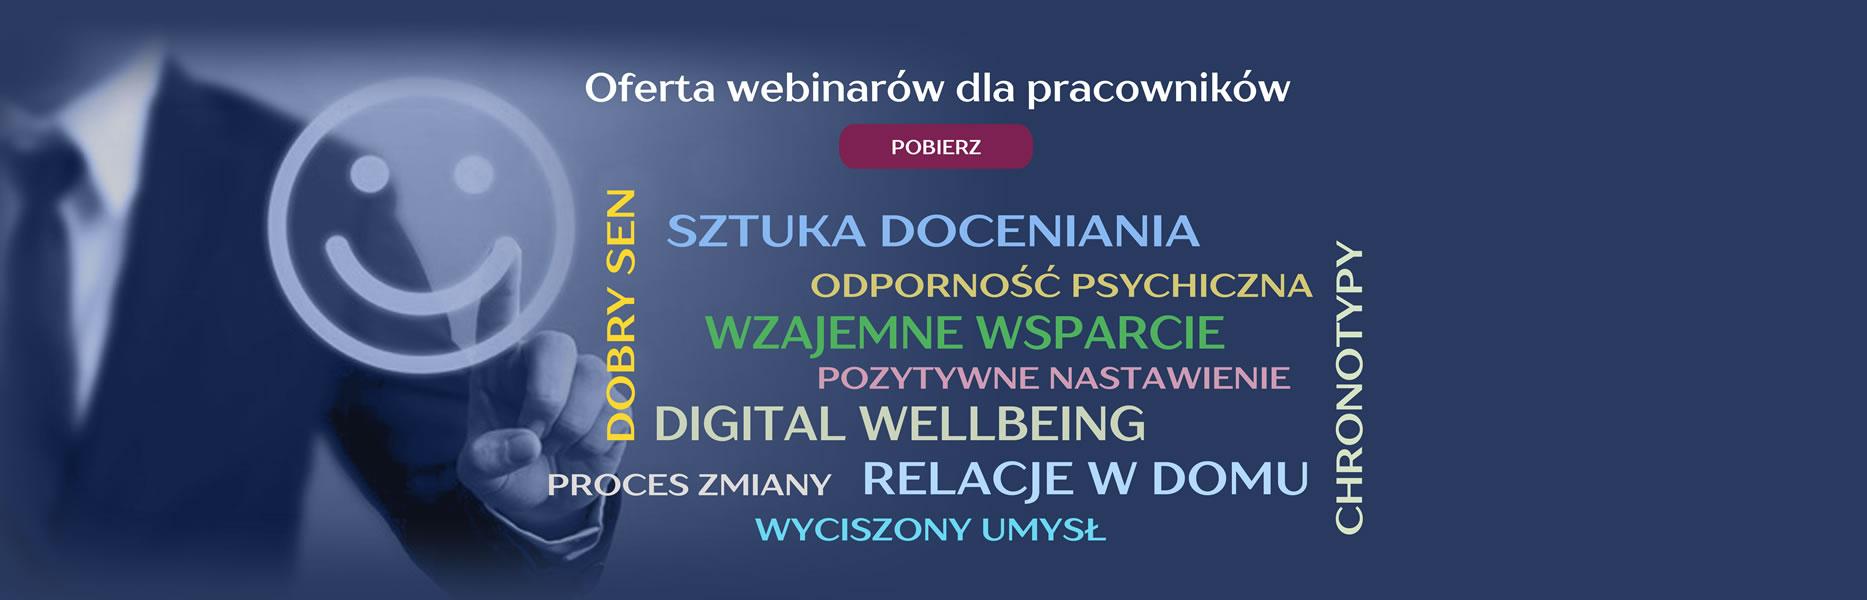 www_baner_oferta_webinarow1